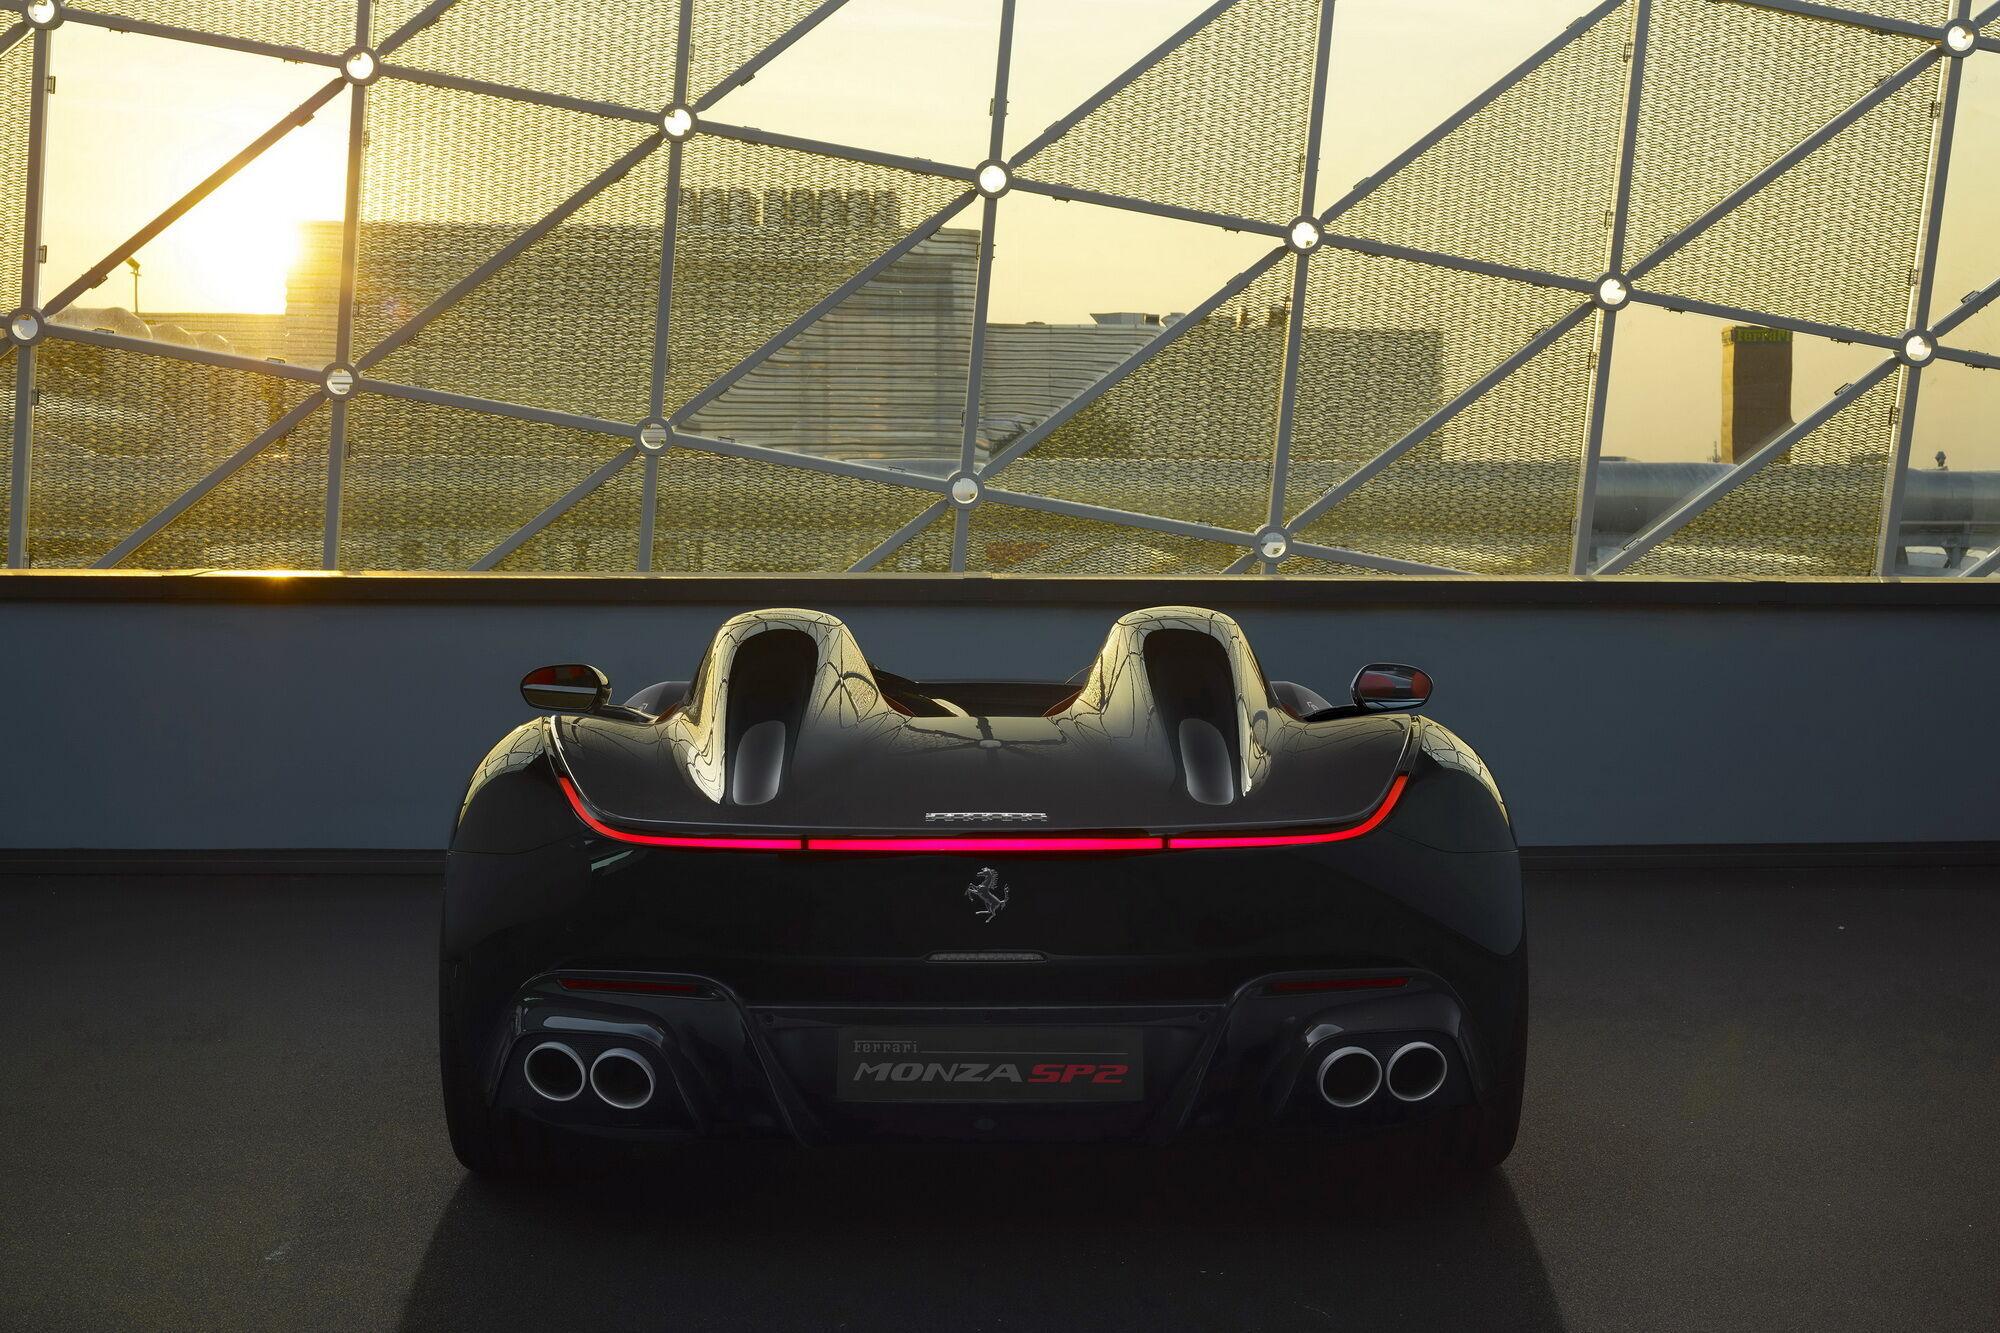 Автомобіль випущений тиражем усього 100 примірників, а вартість стартує з позначки 1,6 млн євро